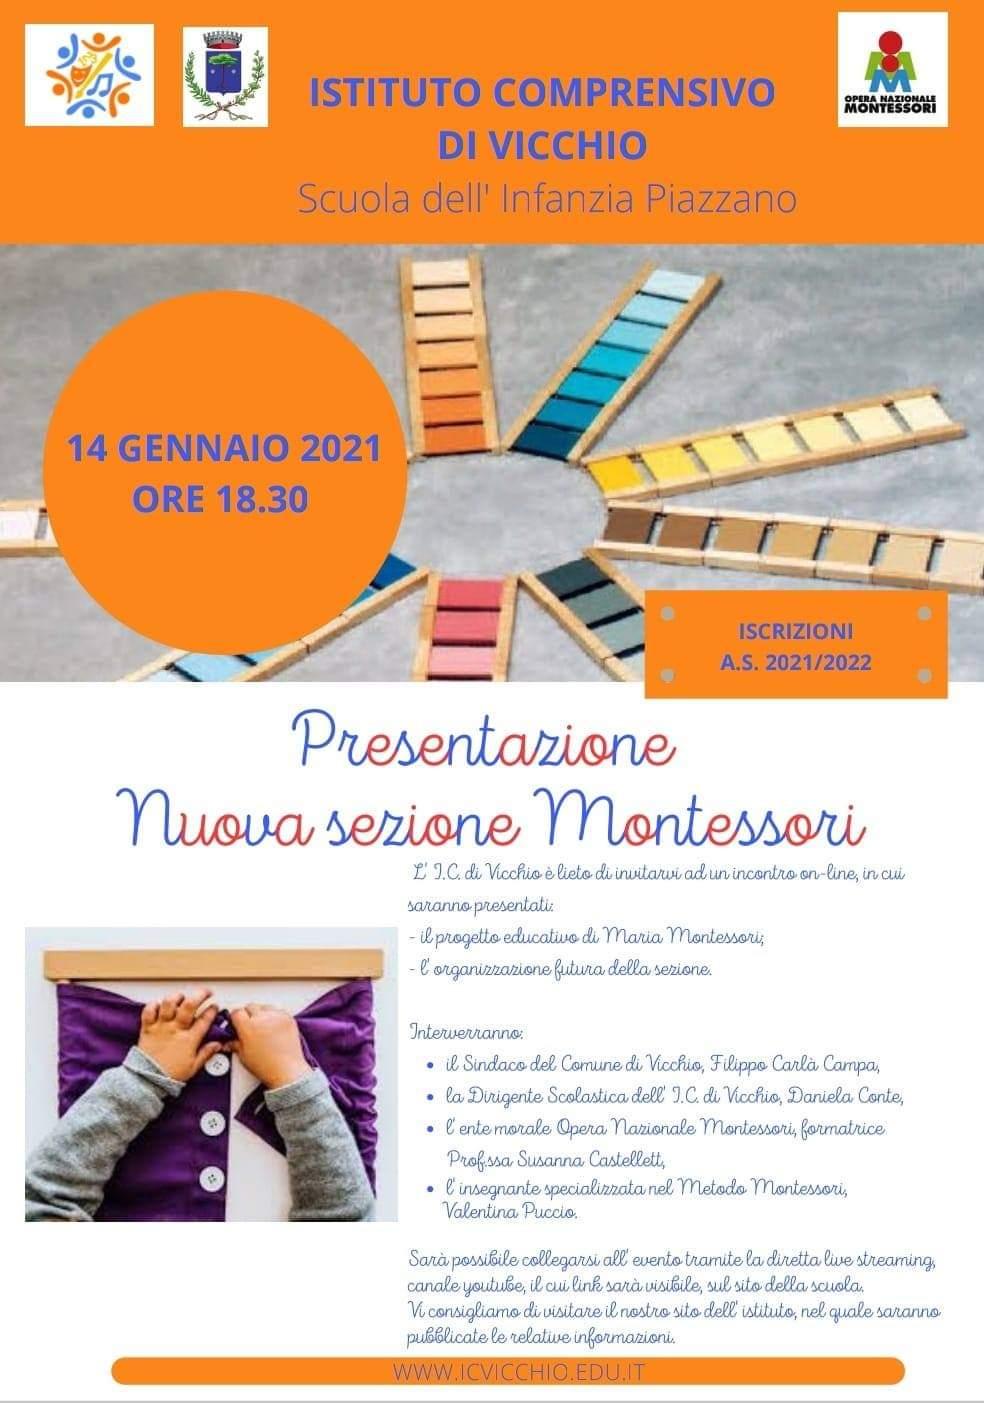 Vicchio - Il metodo Montessori entra nella scuola di Vicchio